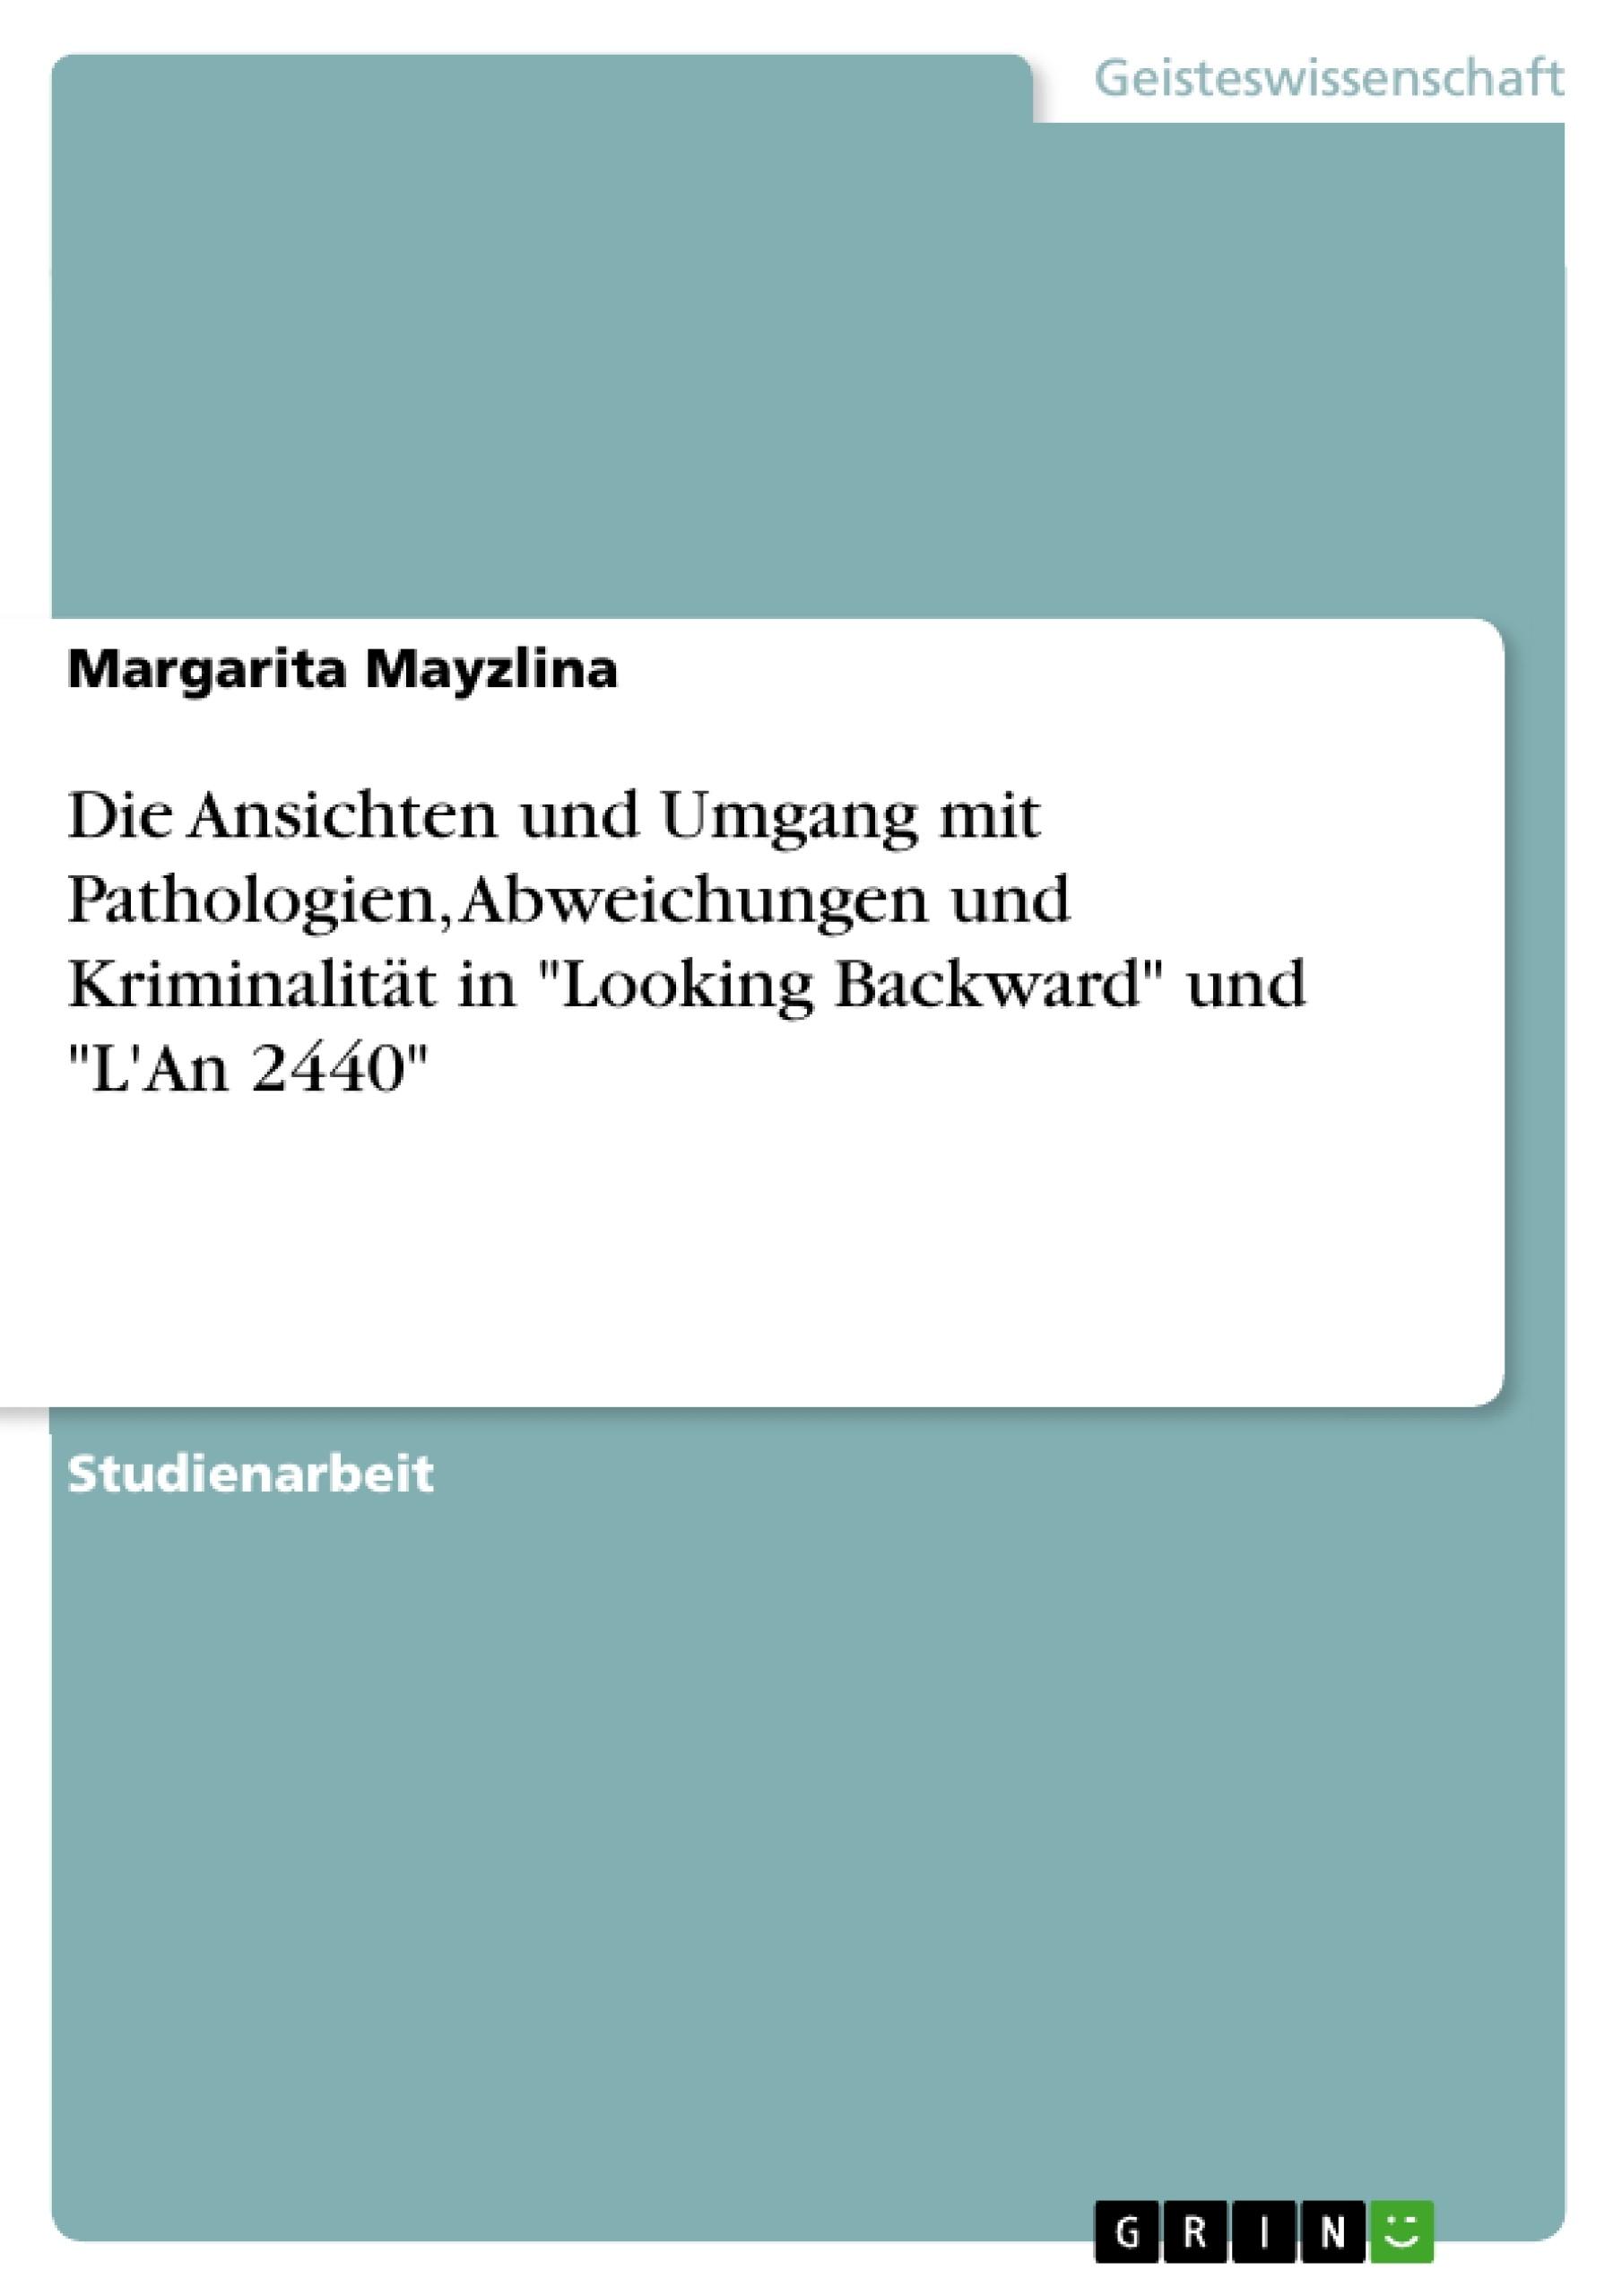 """Titel: Die Ansichten und Umgang mit Pathologien, Abweichungen und Kriminalität in """"Looking Backward"""" und """"L'An 2440"""""""